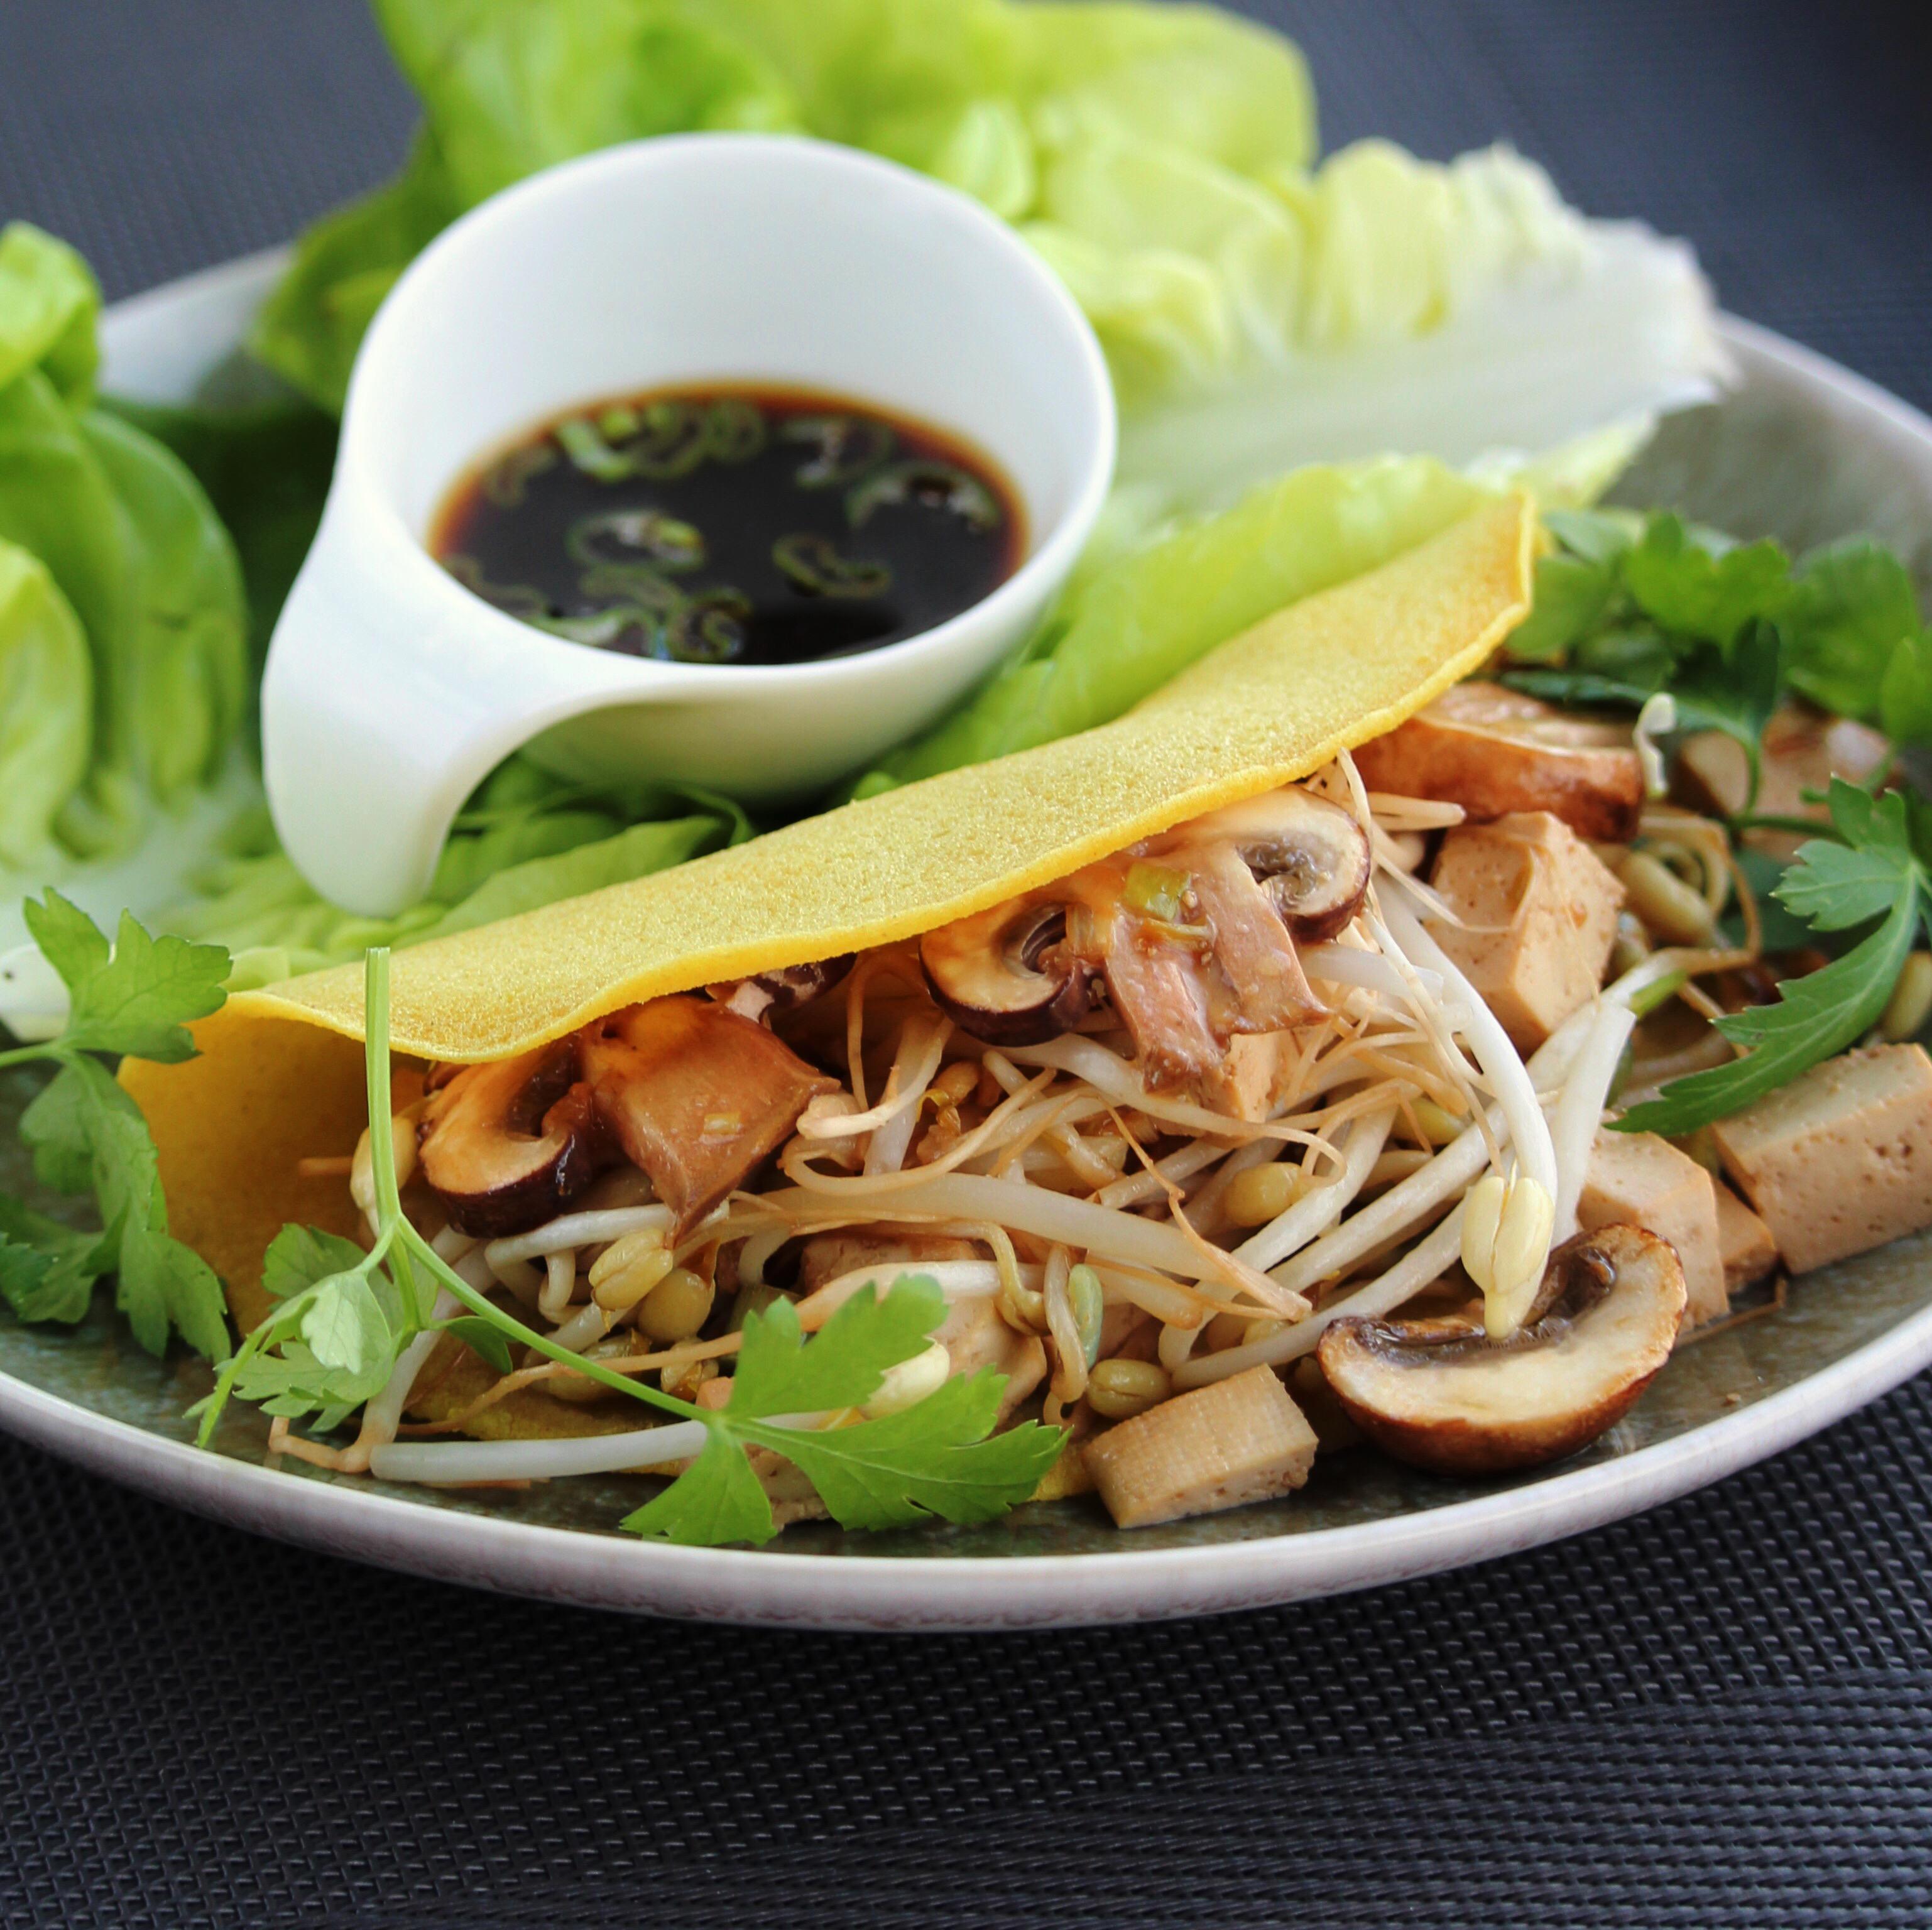 Banh Xeo (Vietnamese Crepes) Buckwheat Queen